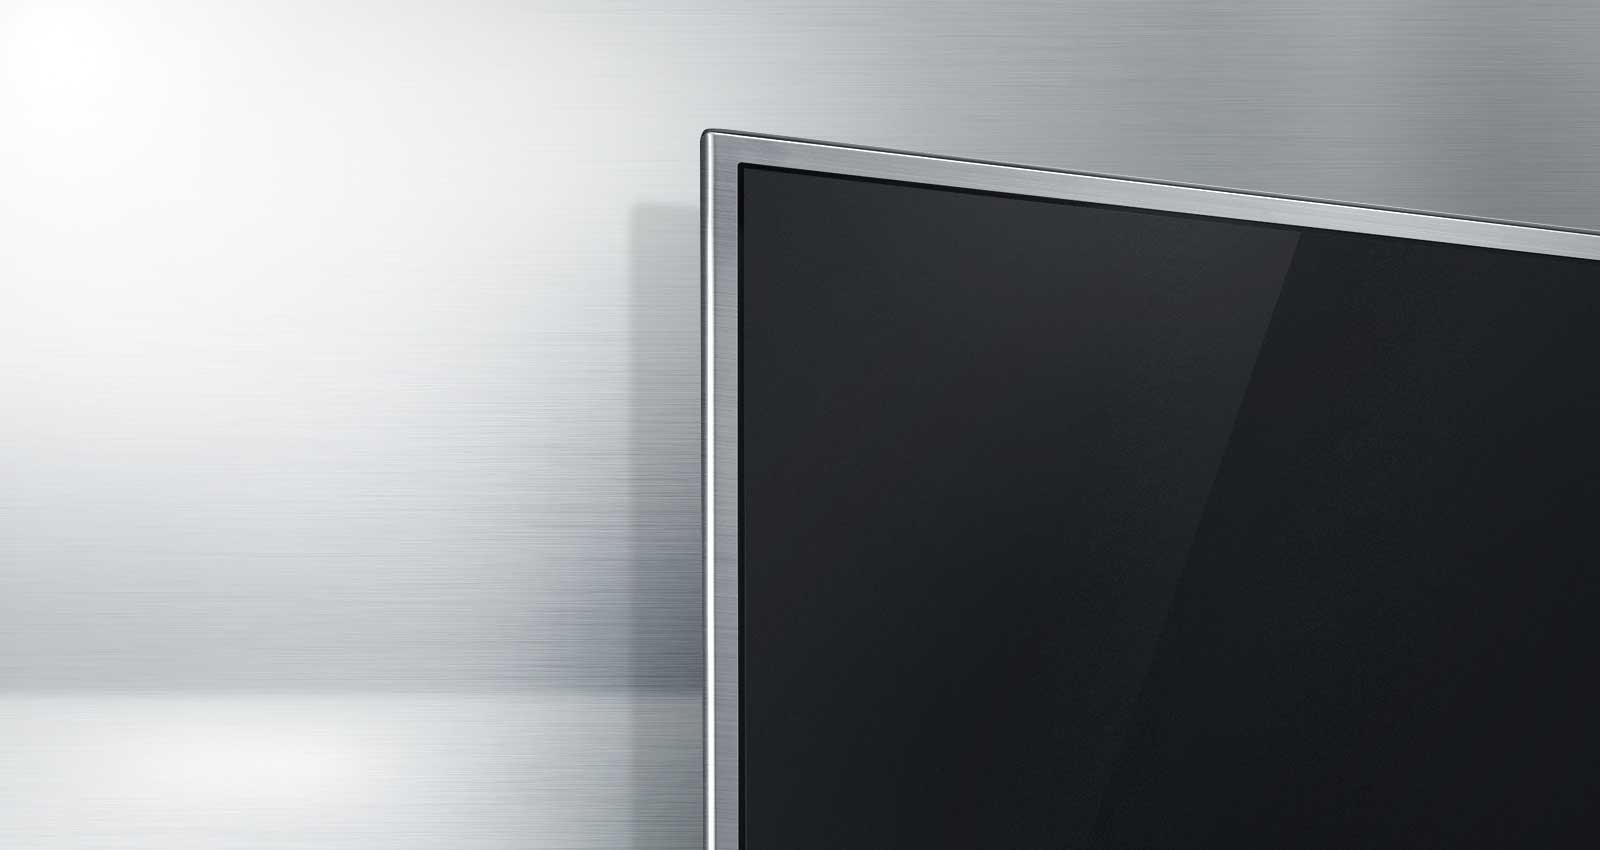 lg 49 49uh651 4k uhd smart led tv price in pakistan. Black Bedroom Furniture Sets. Home Design Ideas